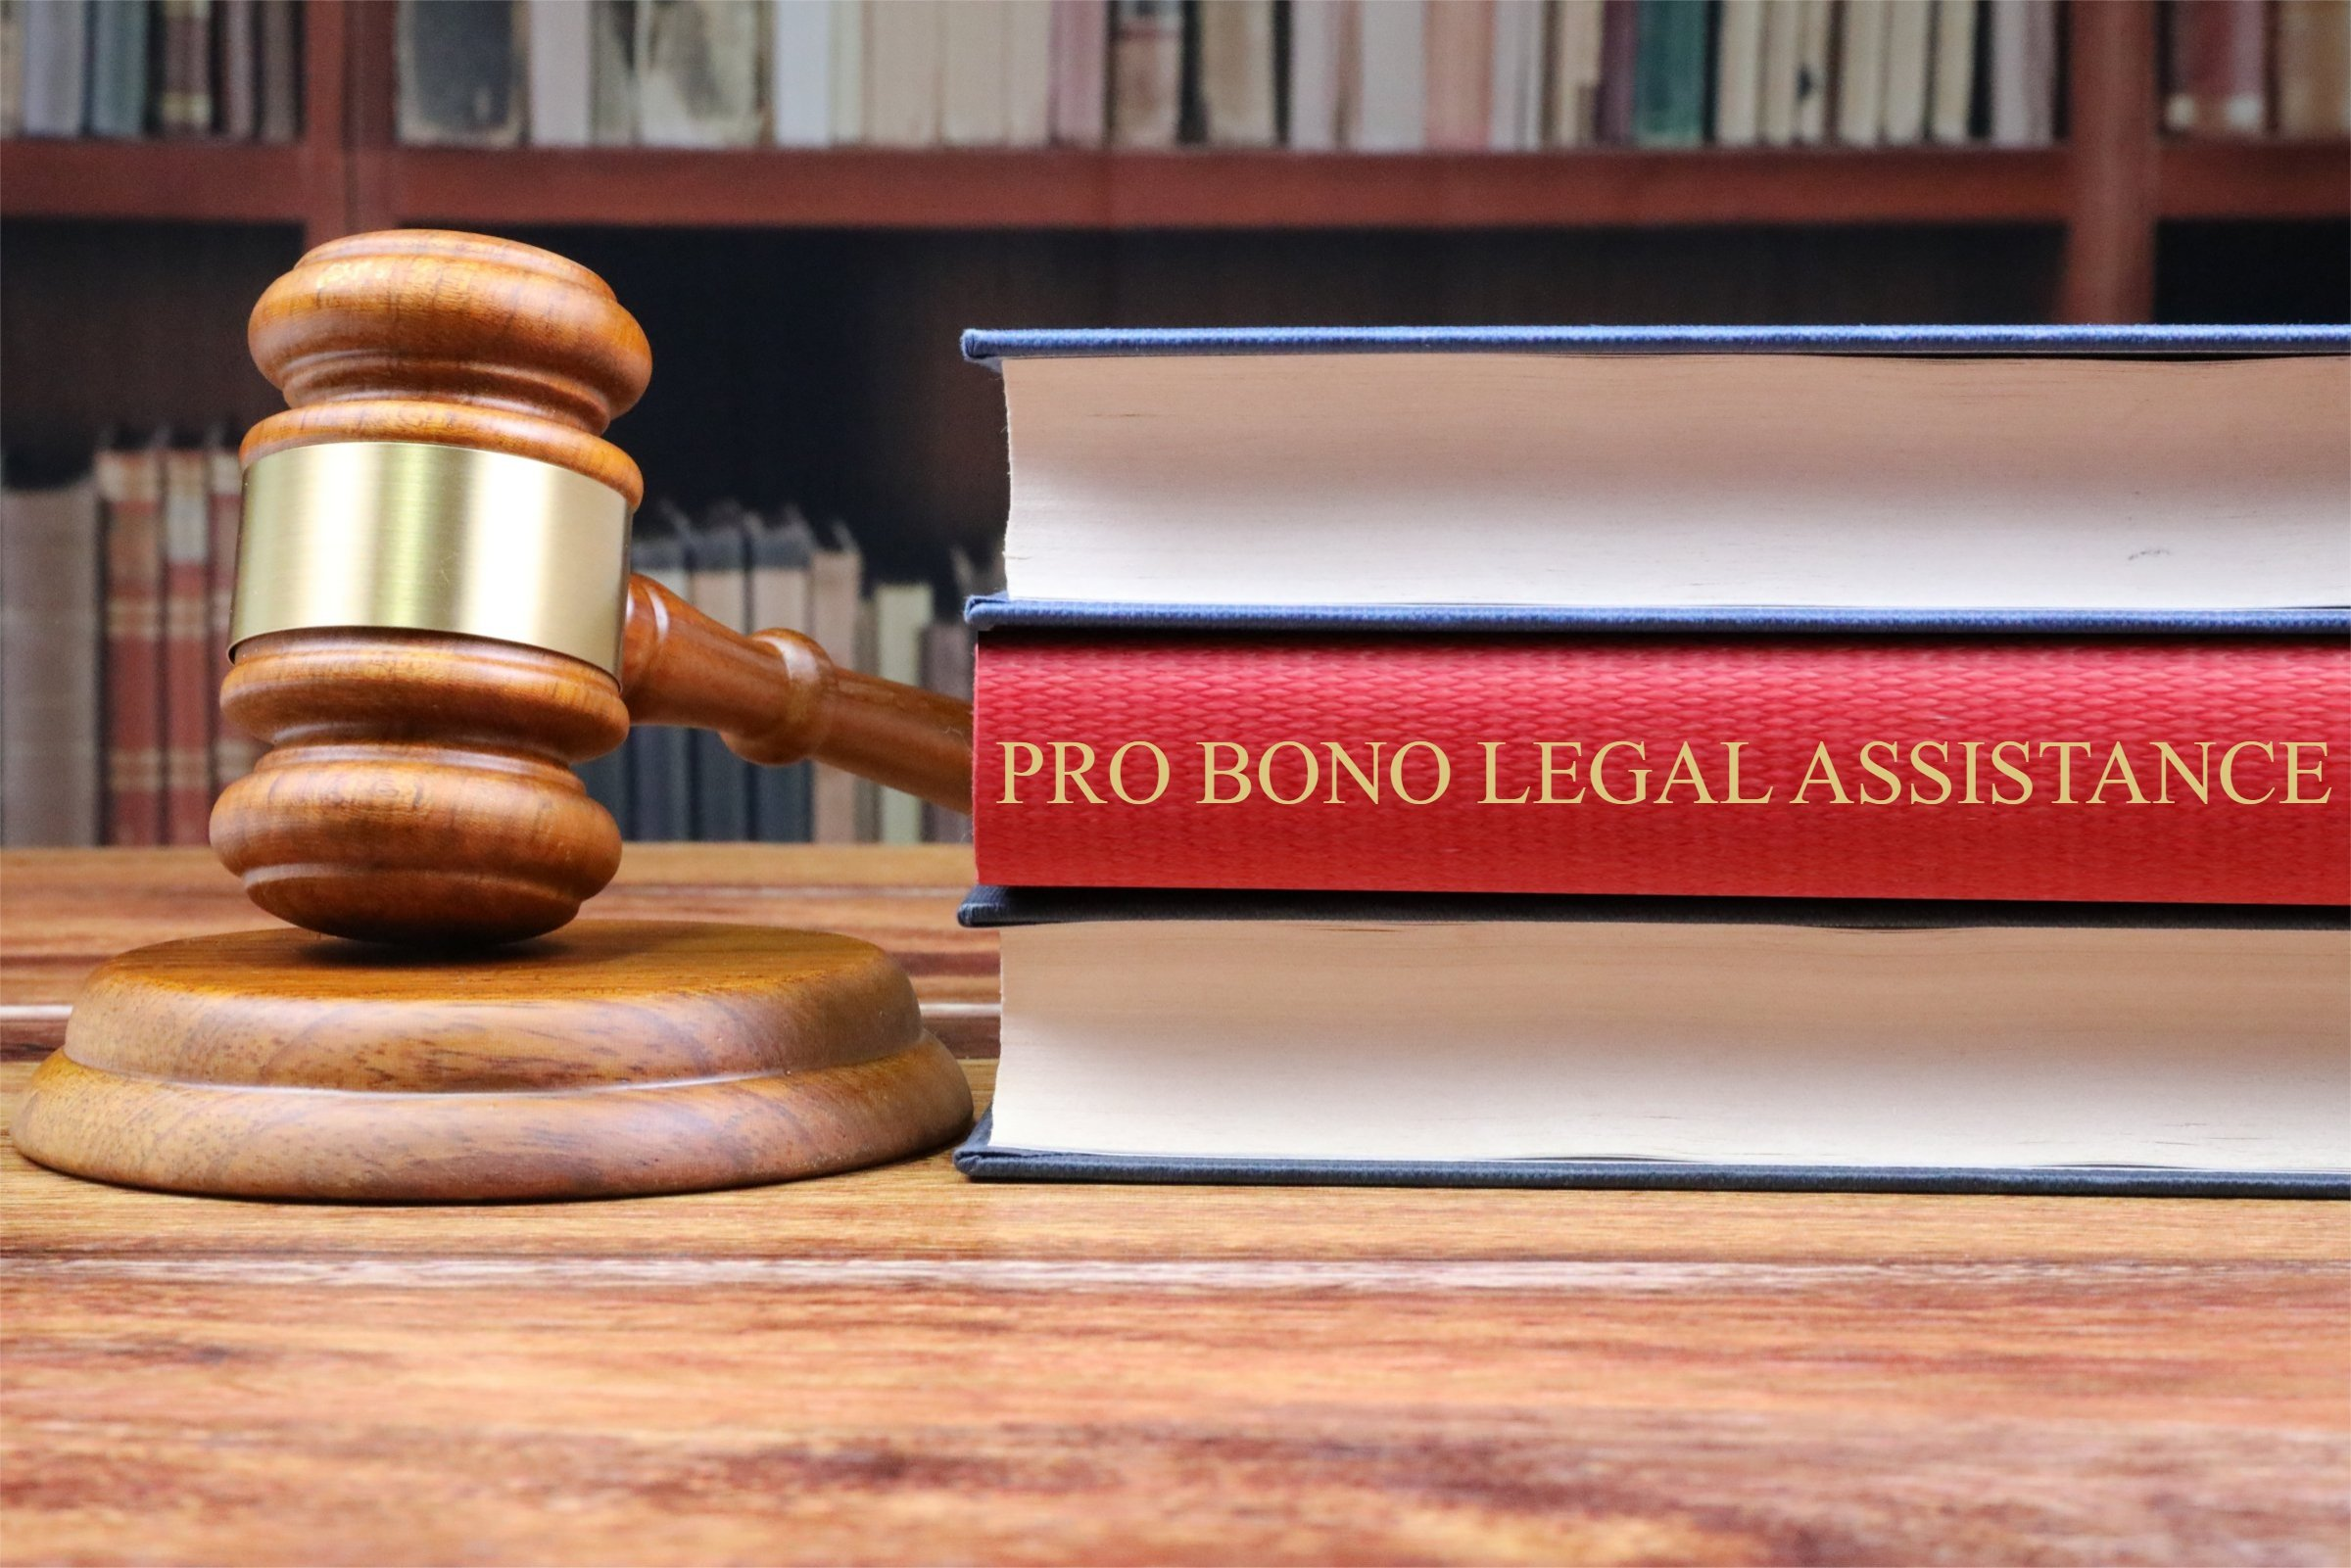 Pro Bono Legal Assistance